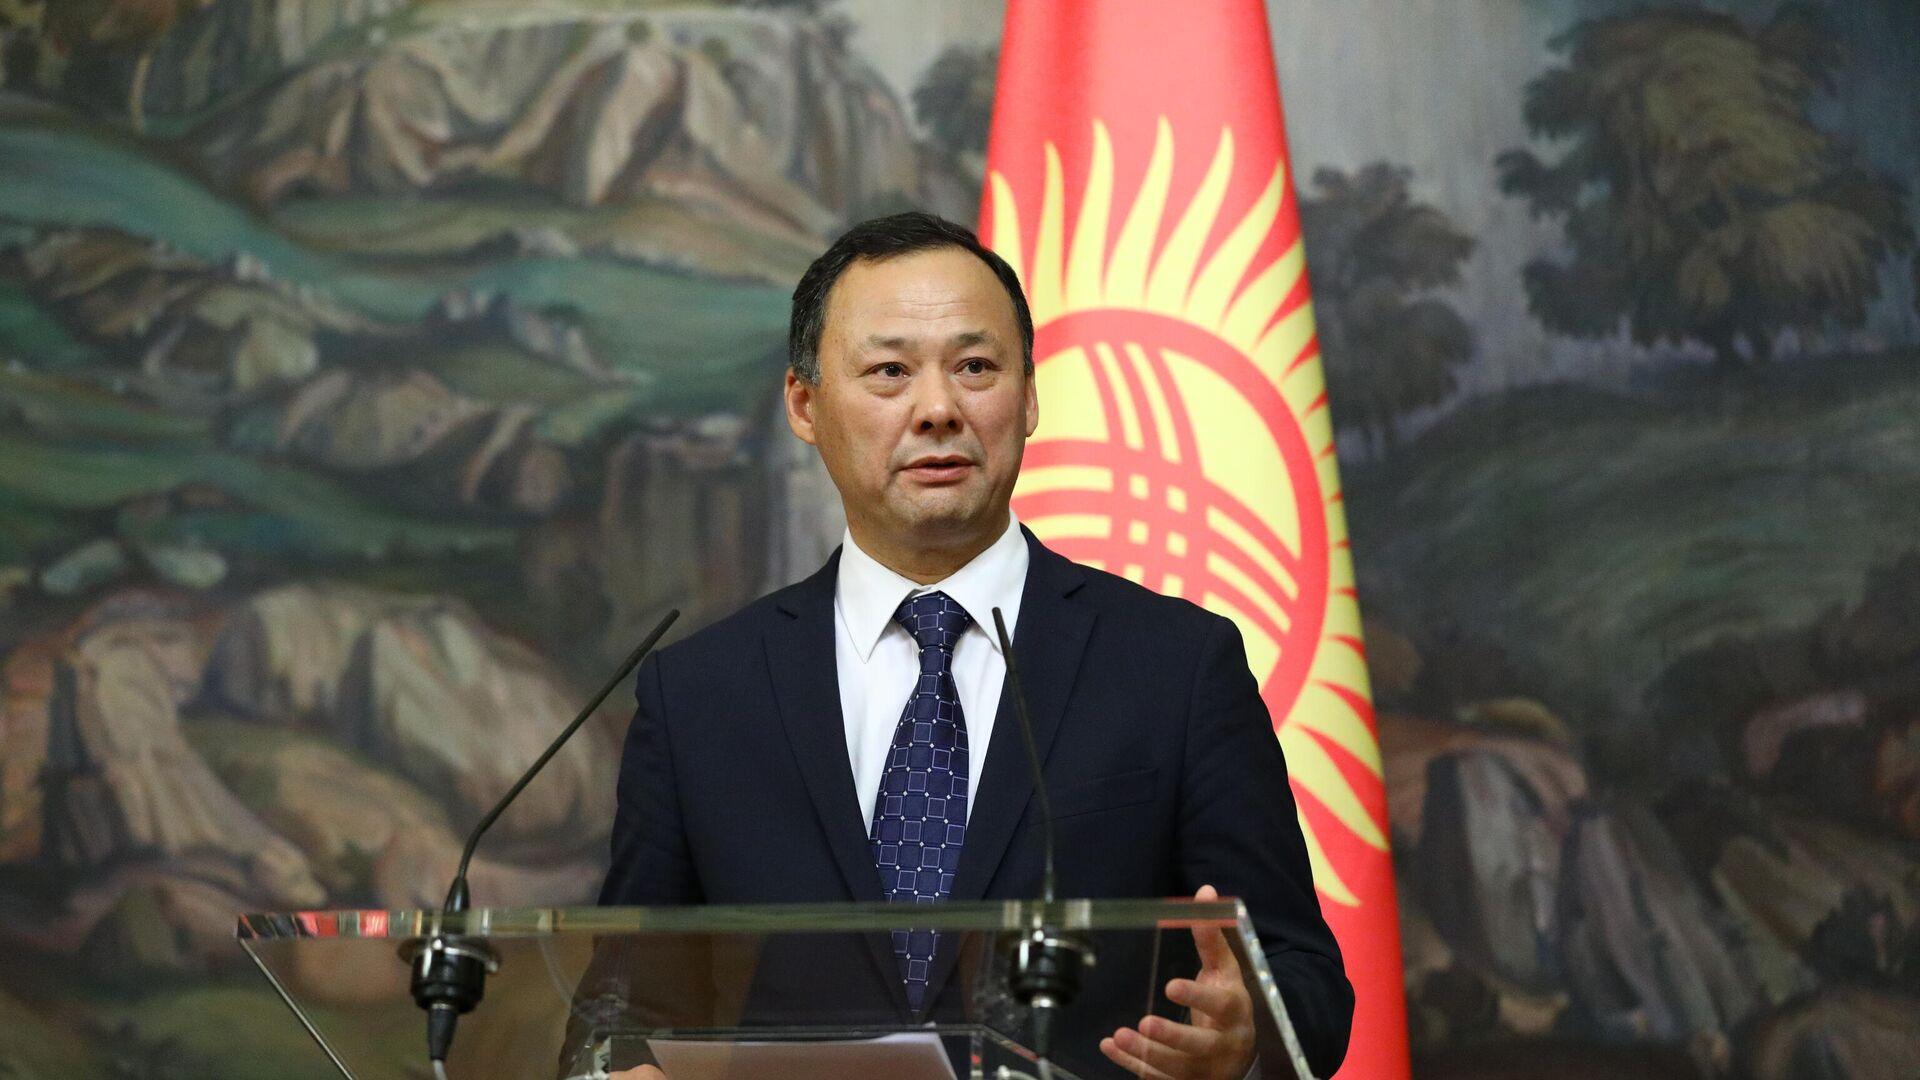 Министр иностранных дел Киргизии Руслан Казакбаев во время пресс-конференции в Москве - РИА Новости, 1920, 24.10.2020